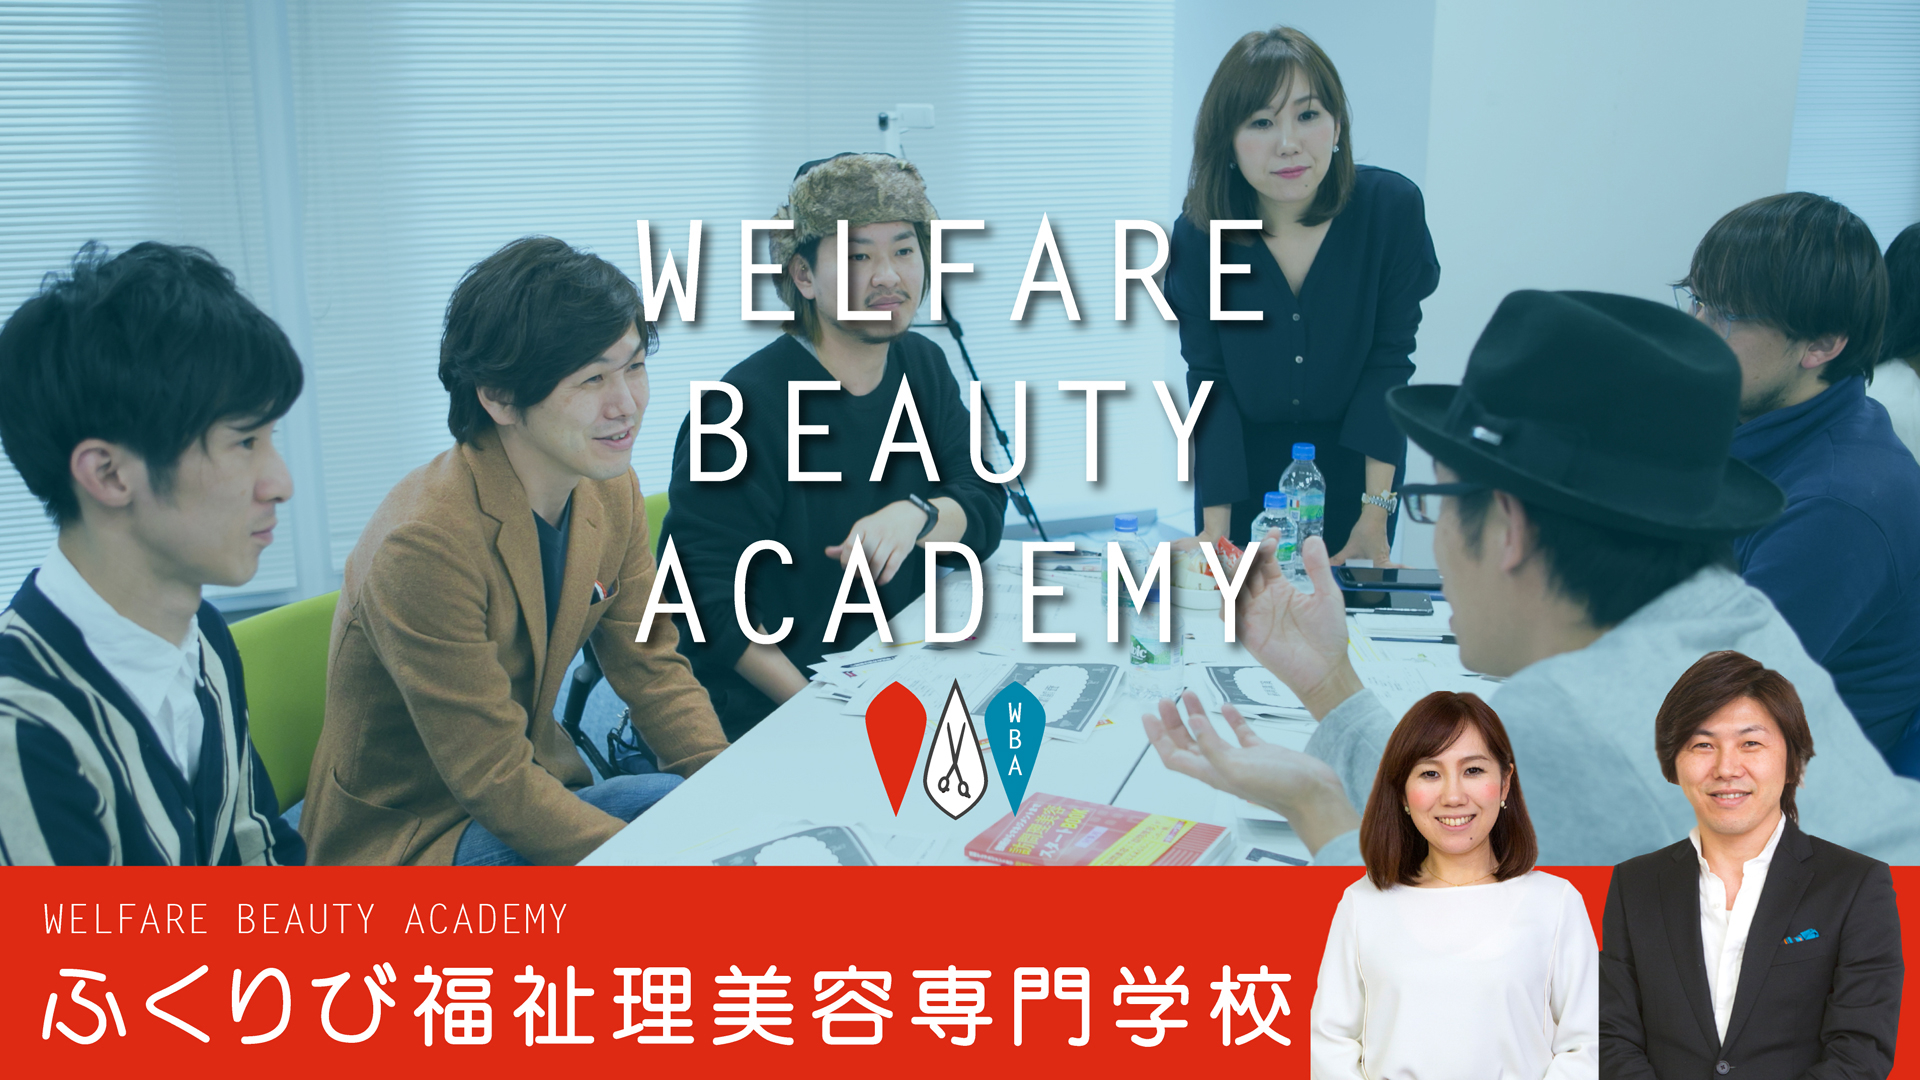 ふくりび福祉理美容専門学校